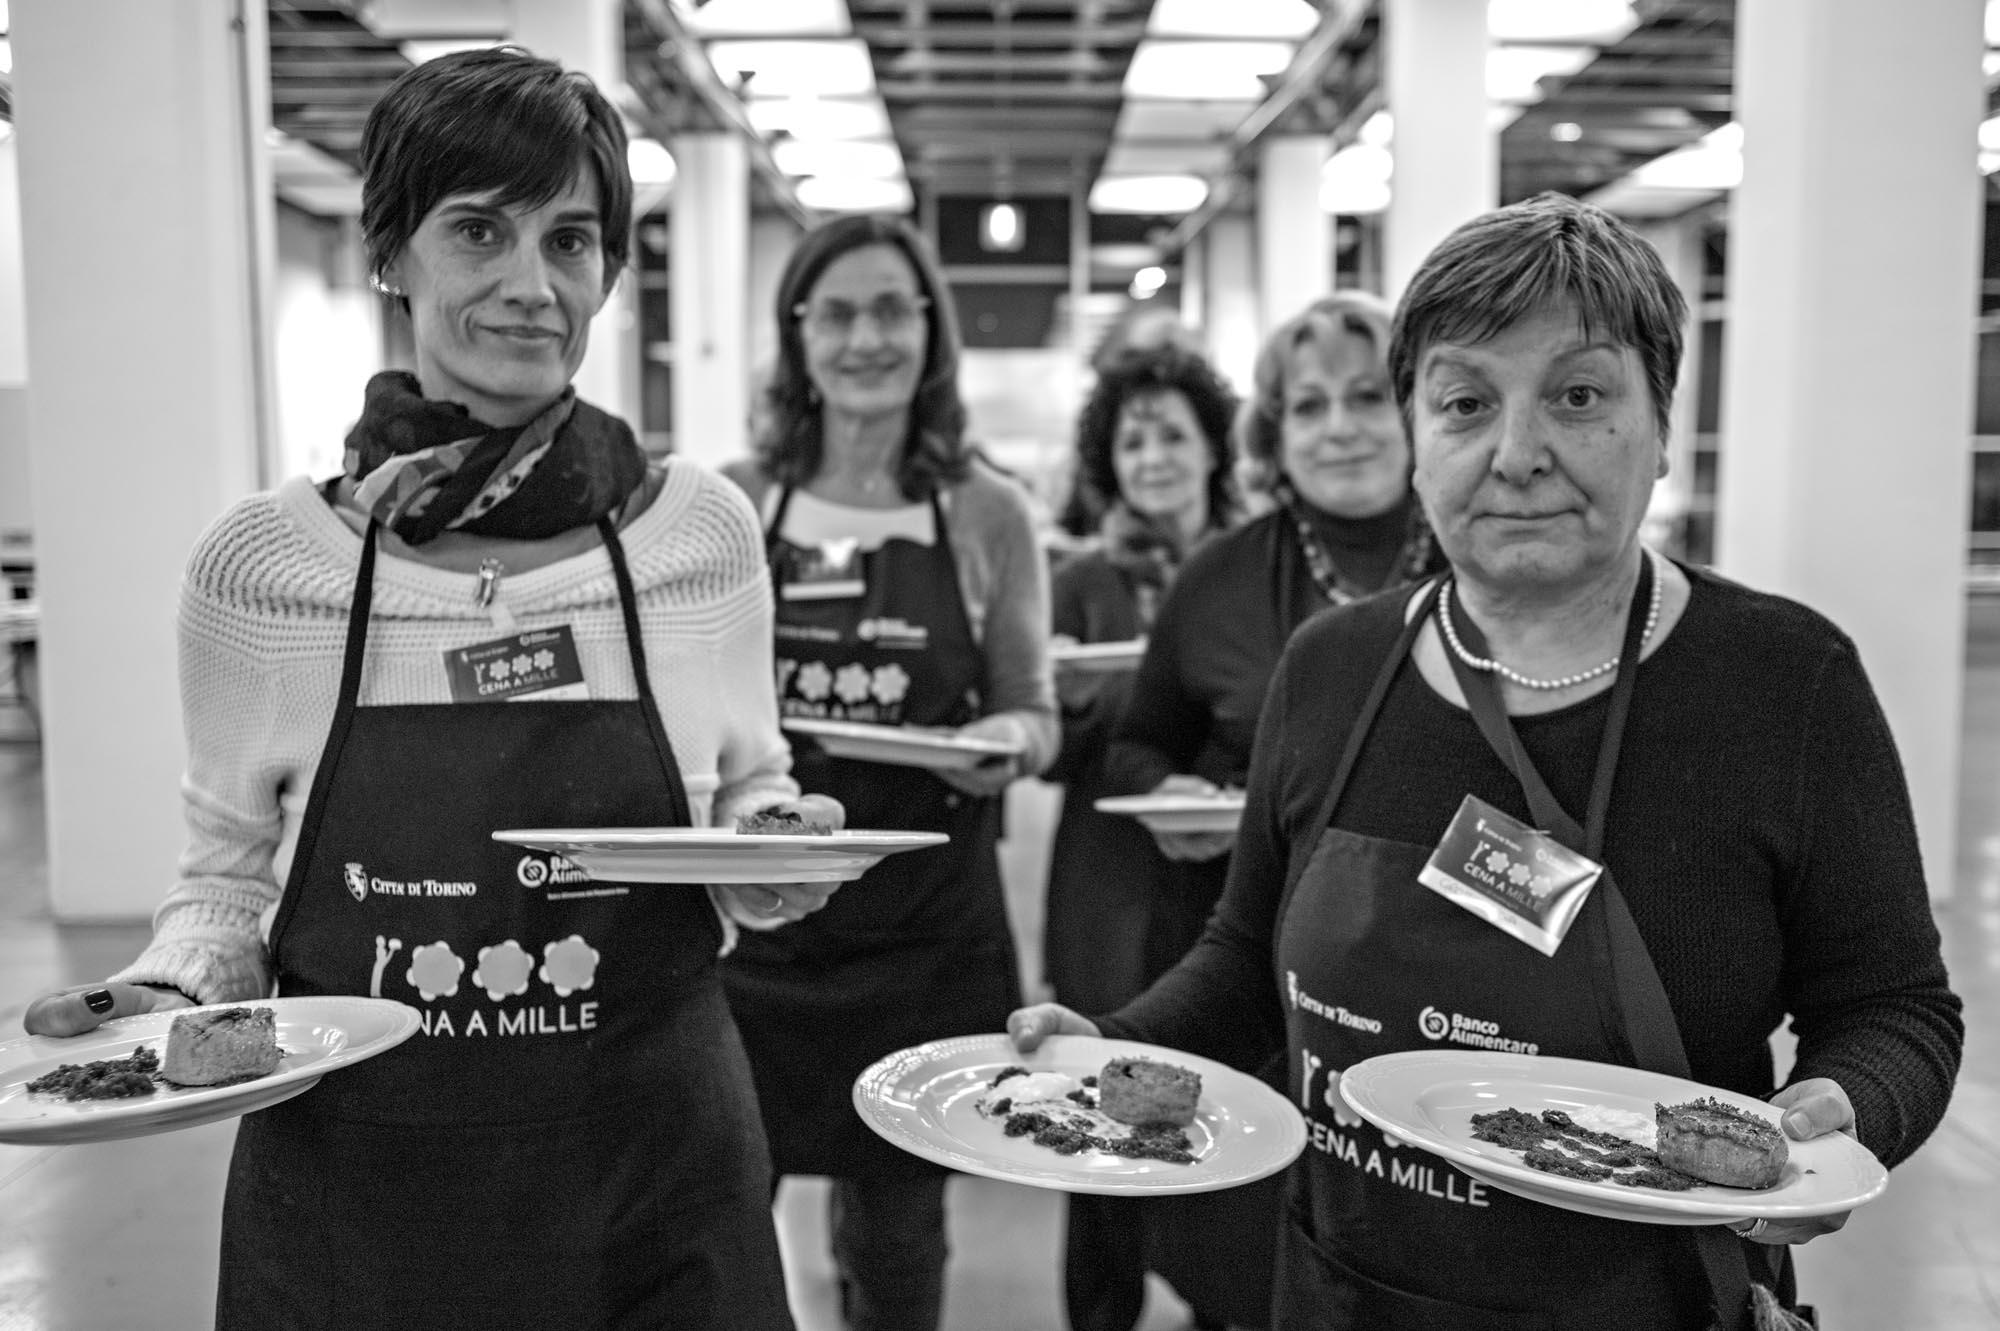 0734 Volontari in una mensa 2 - Banco alimentare, in 1000 a cena